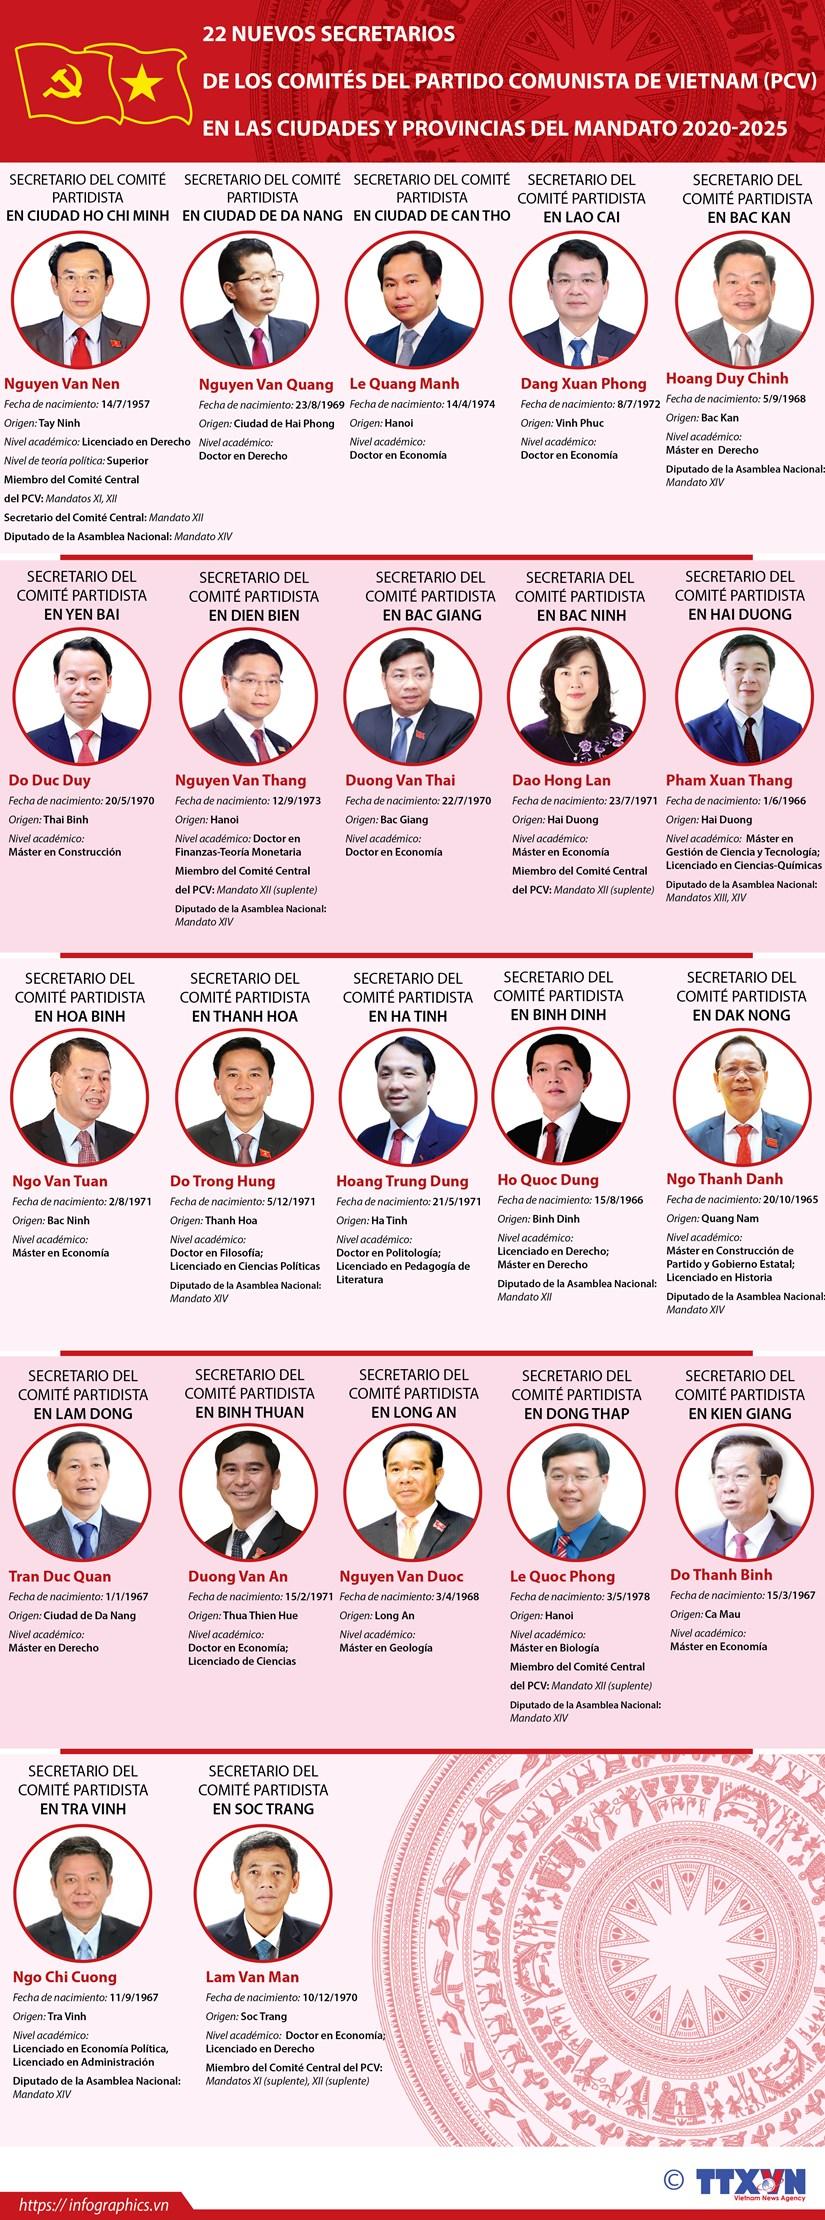 Lista de 22 nuevos secretarios de los comites partidistas provinciales de Vietnam hinh anh 1